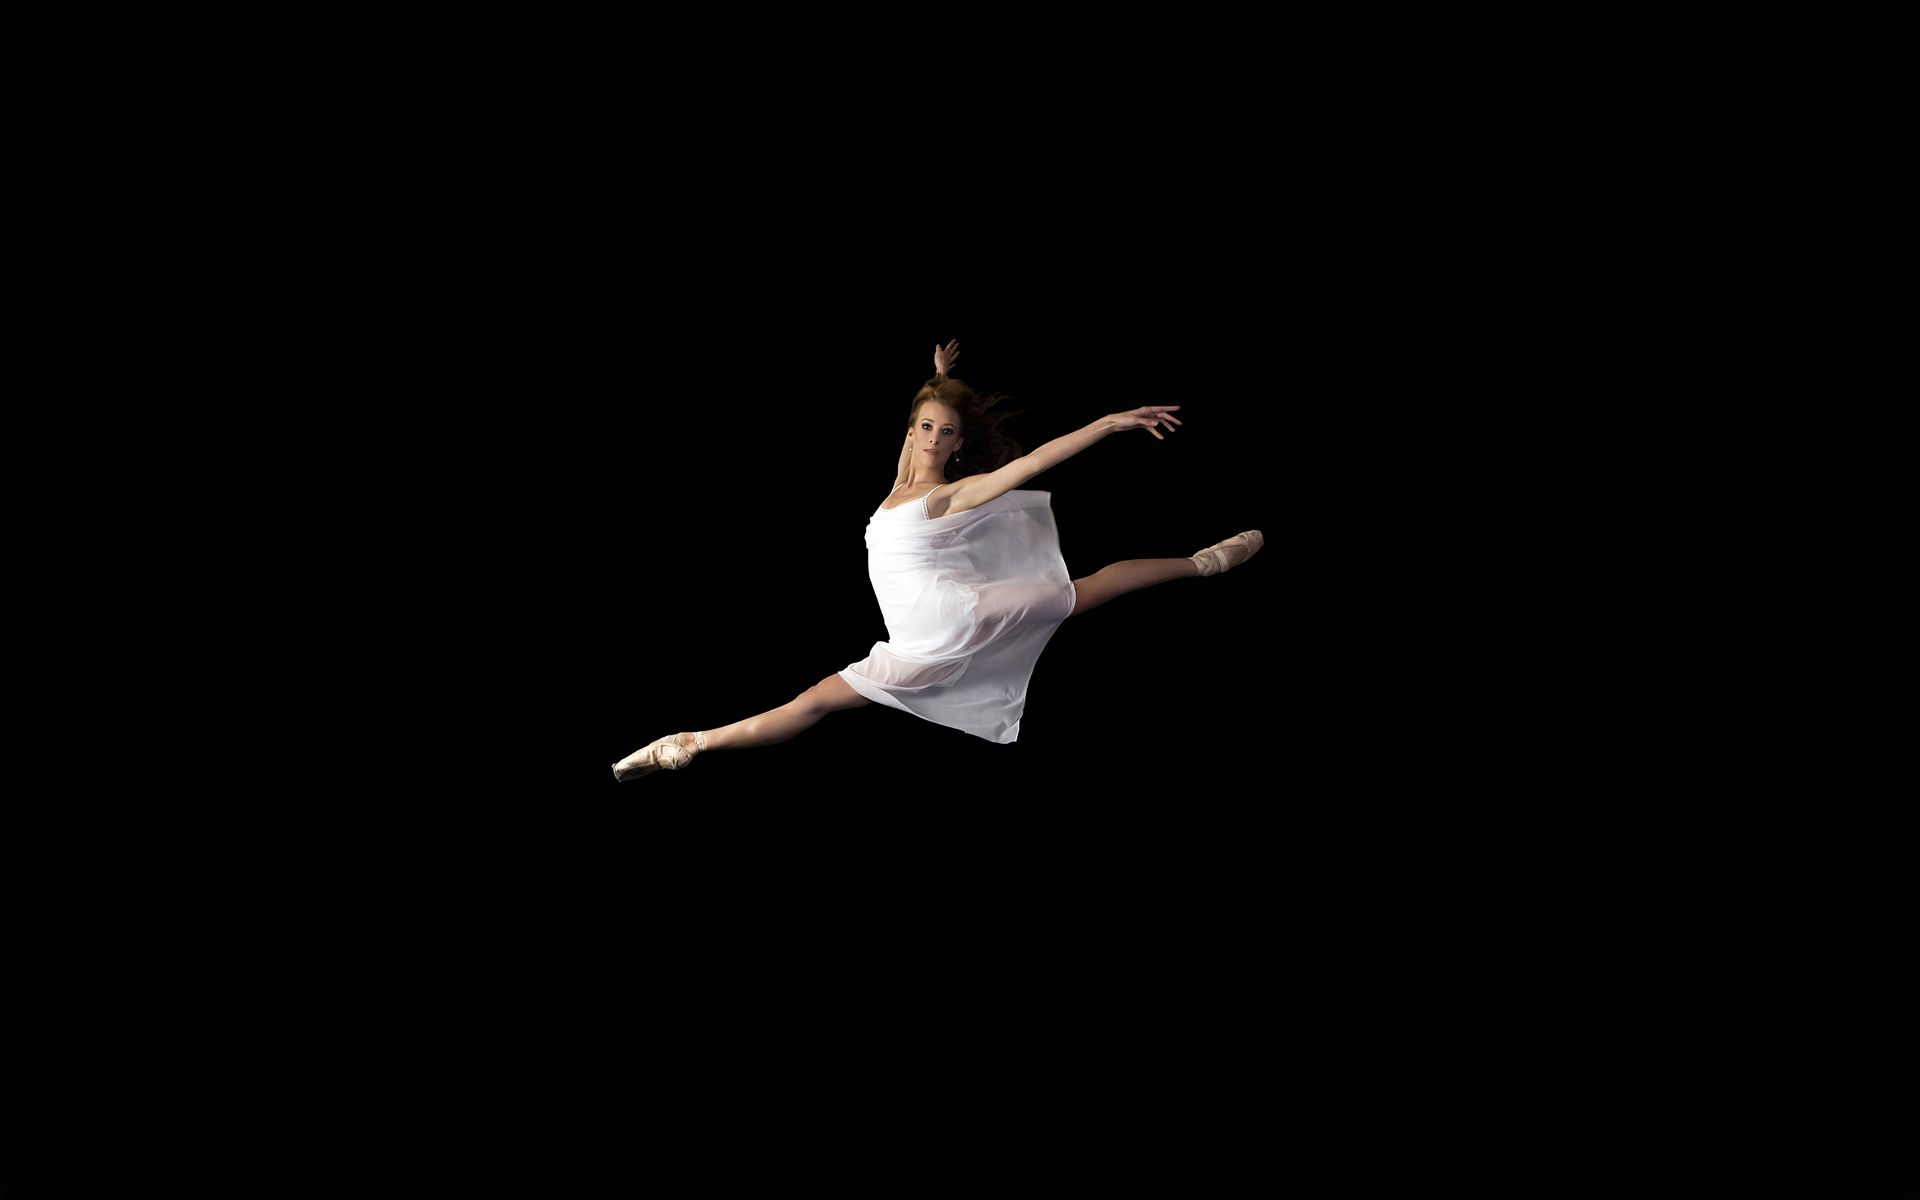 Ballerina Wallpapersbackgroundspicturesphotoslaptop